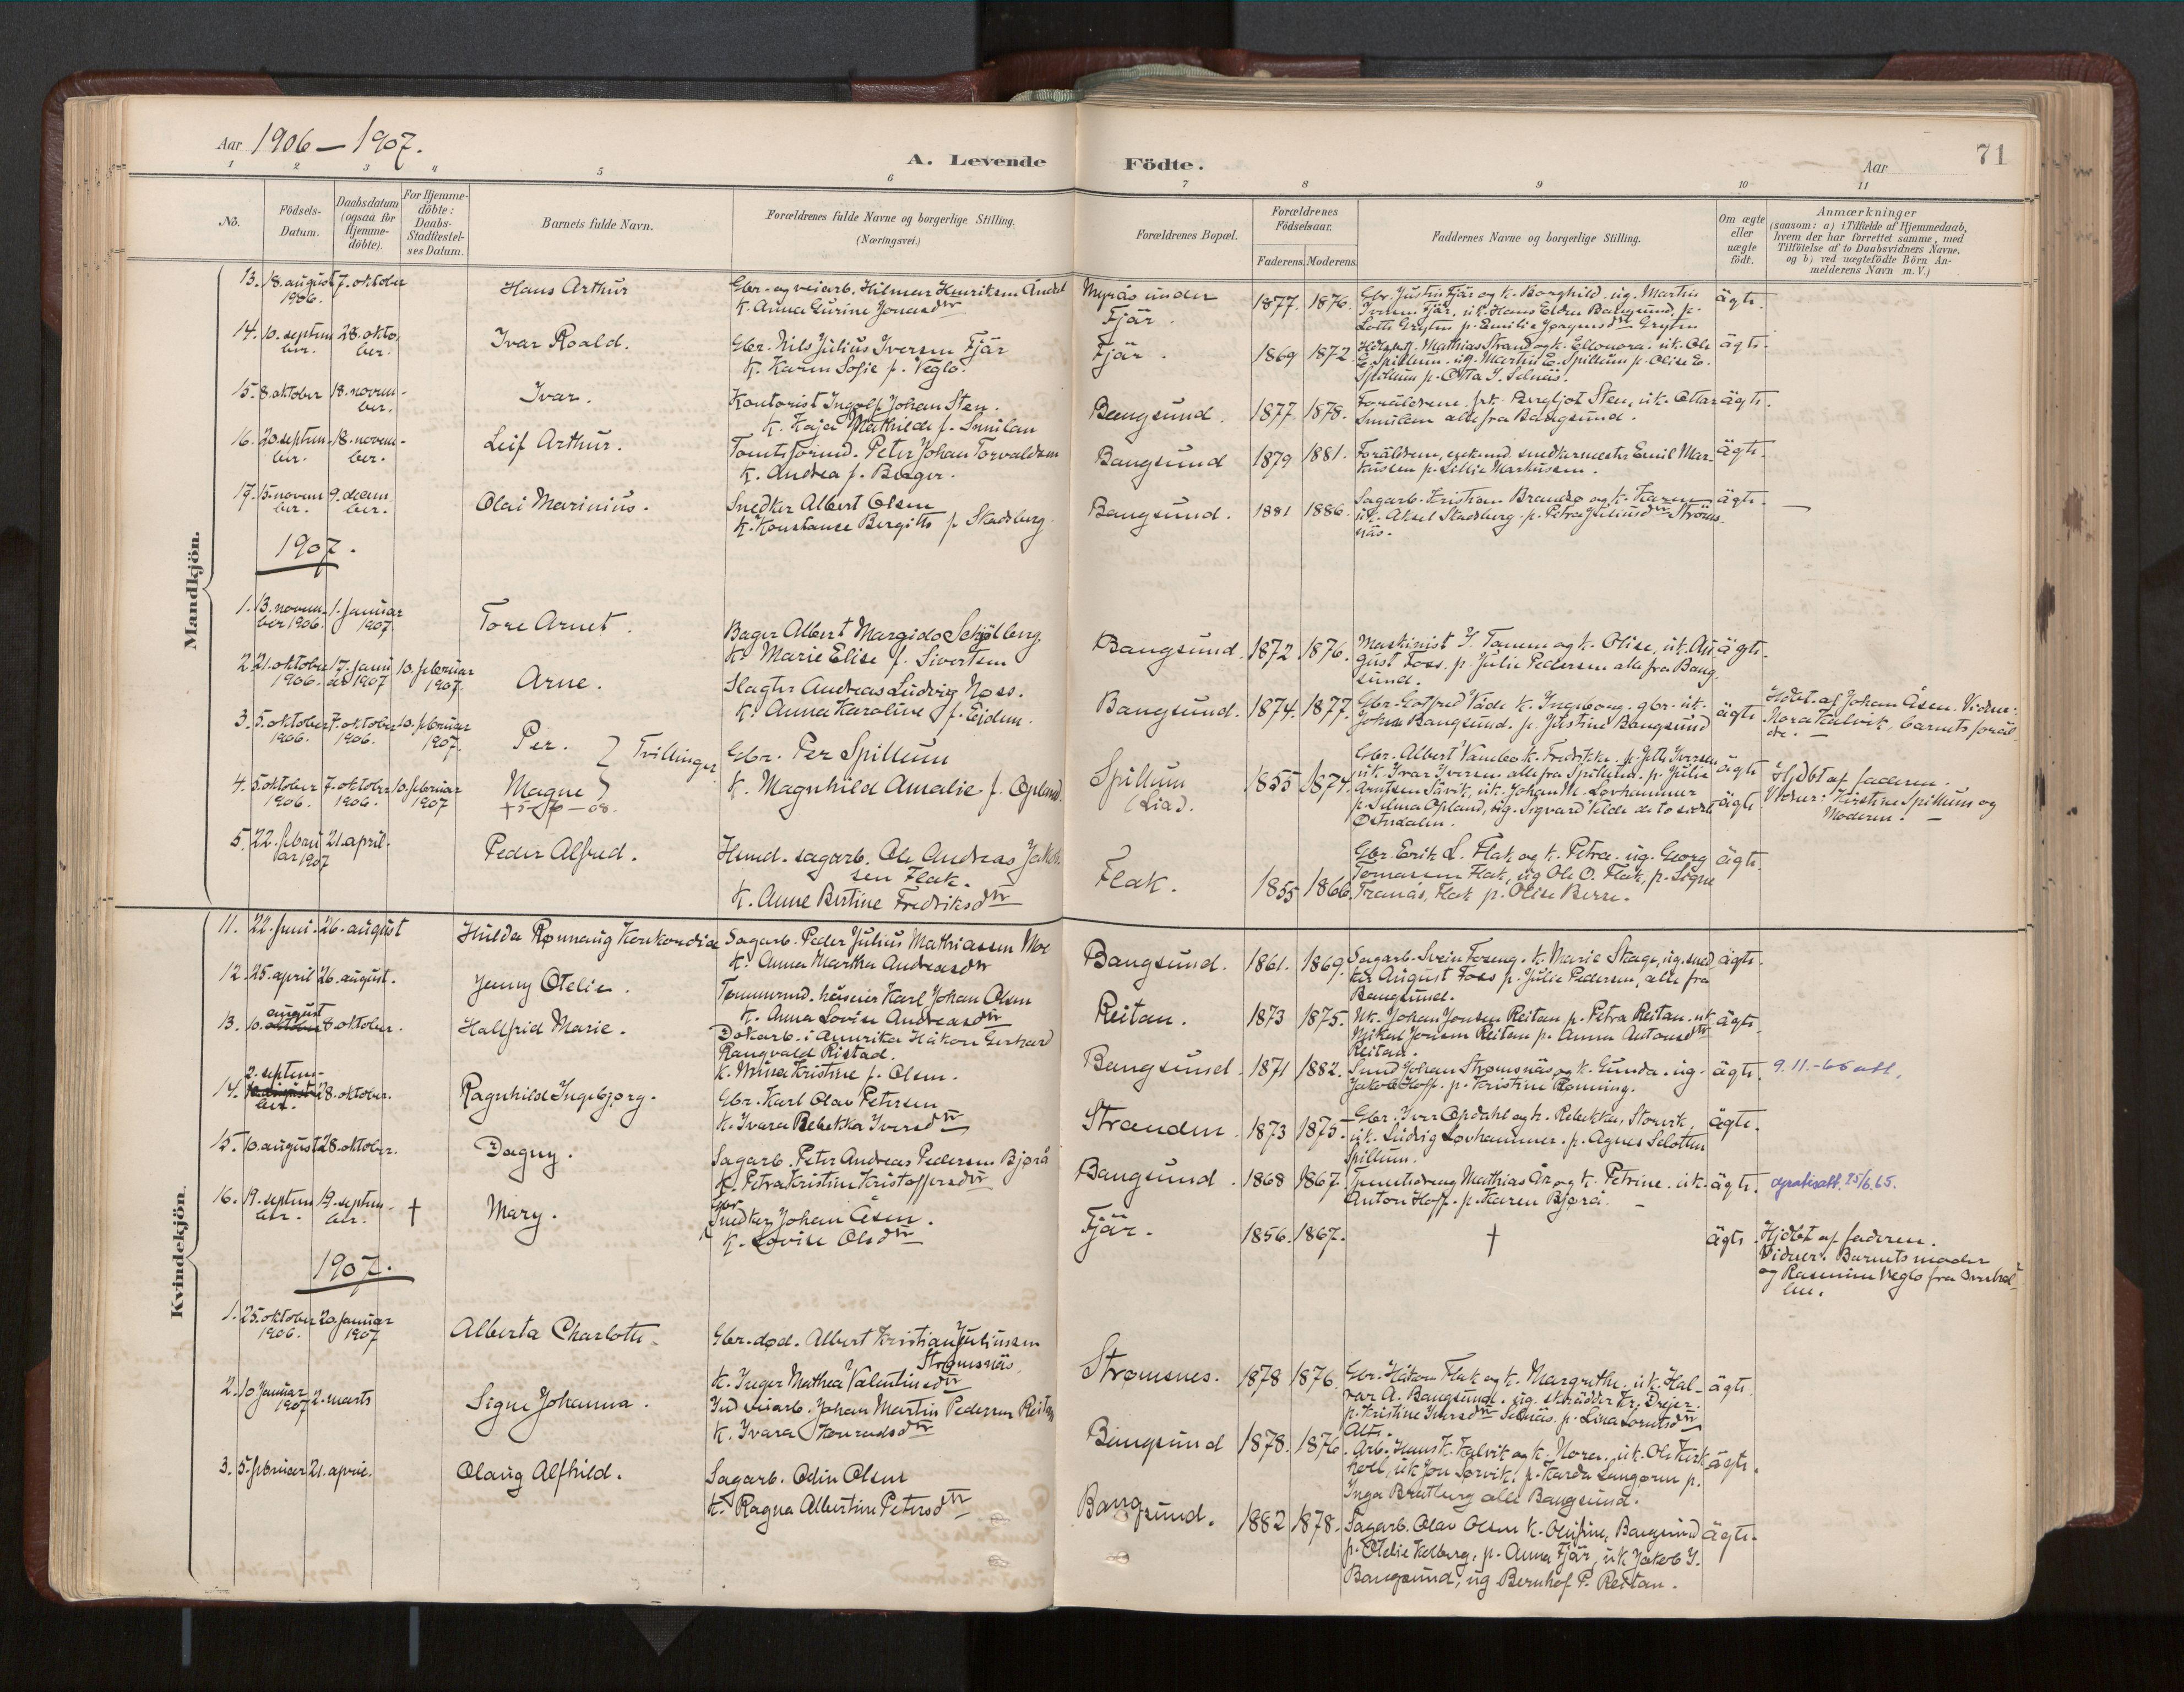 SAT, Ministerialprotokoller, klokkerbøker og fødselsregistre - Nord-Trøndelag, 770/L0589: Ministerialbok nr. 770A03, 1887-1929, s. 71